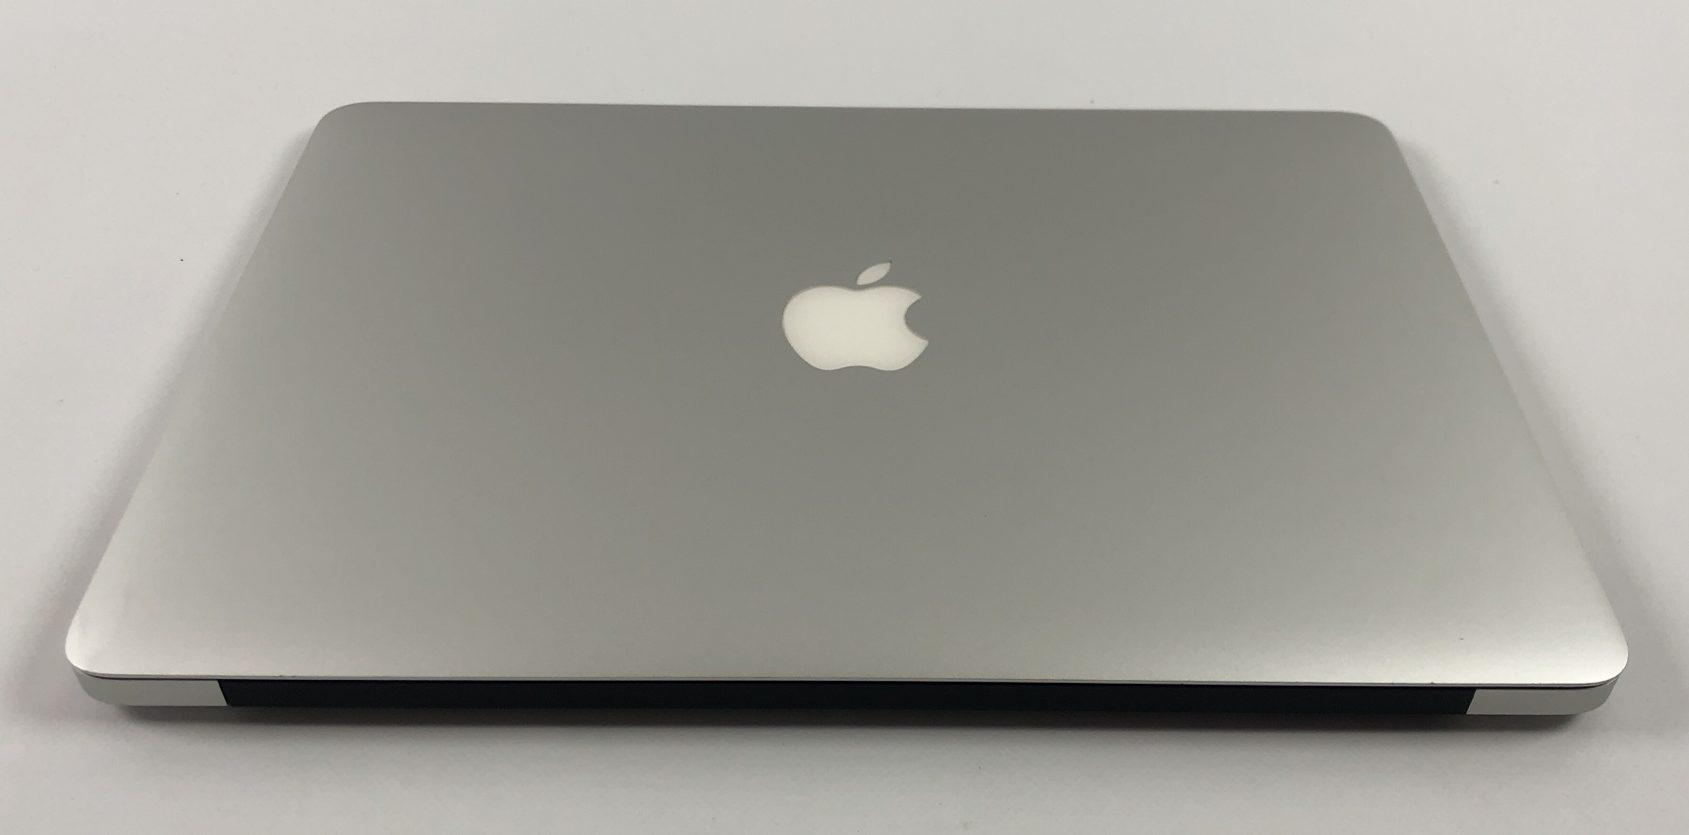 """MacBook Air 13"""" Mid 2017 (Intel Core i5 1.8 GHz 8 GB RAM 256 GB SSD), Intel Core i5 1.8 GHz, 8 GB RAM, 256 GB SSD, Afbeelding 2"""